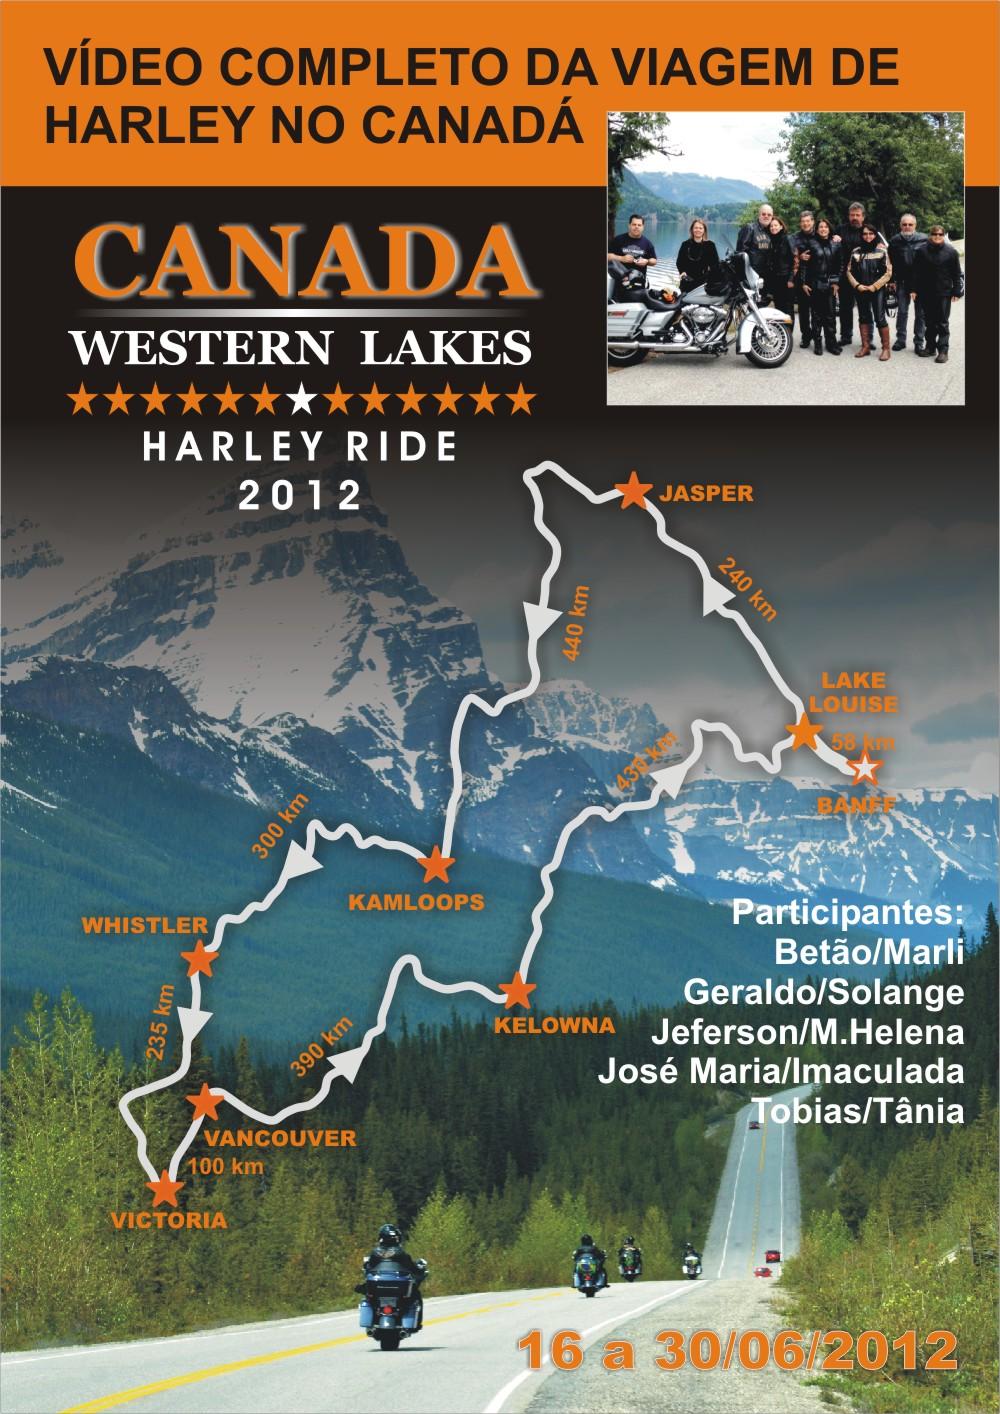 Viagem de Harley no Canada 2012